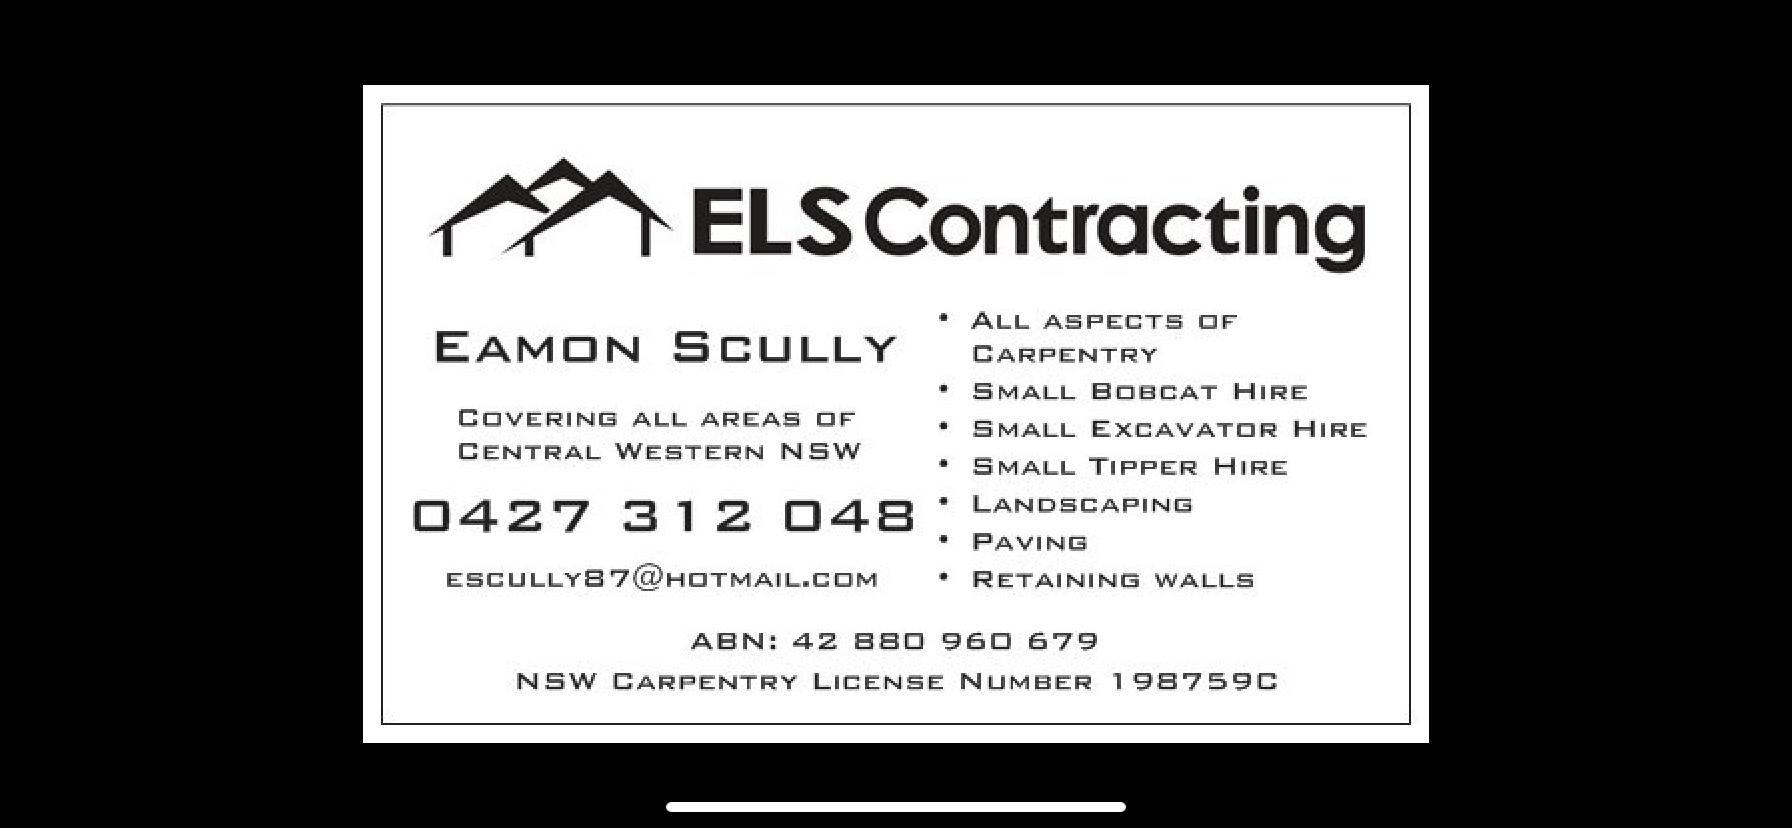 ELS Contracting